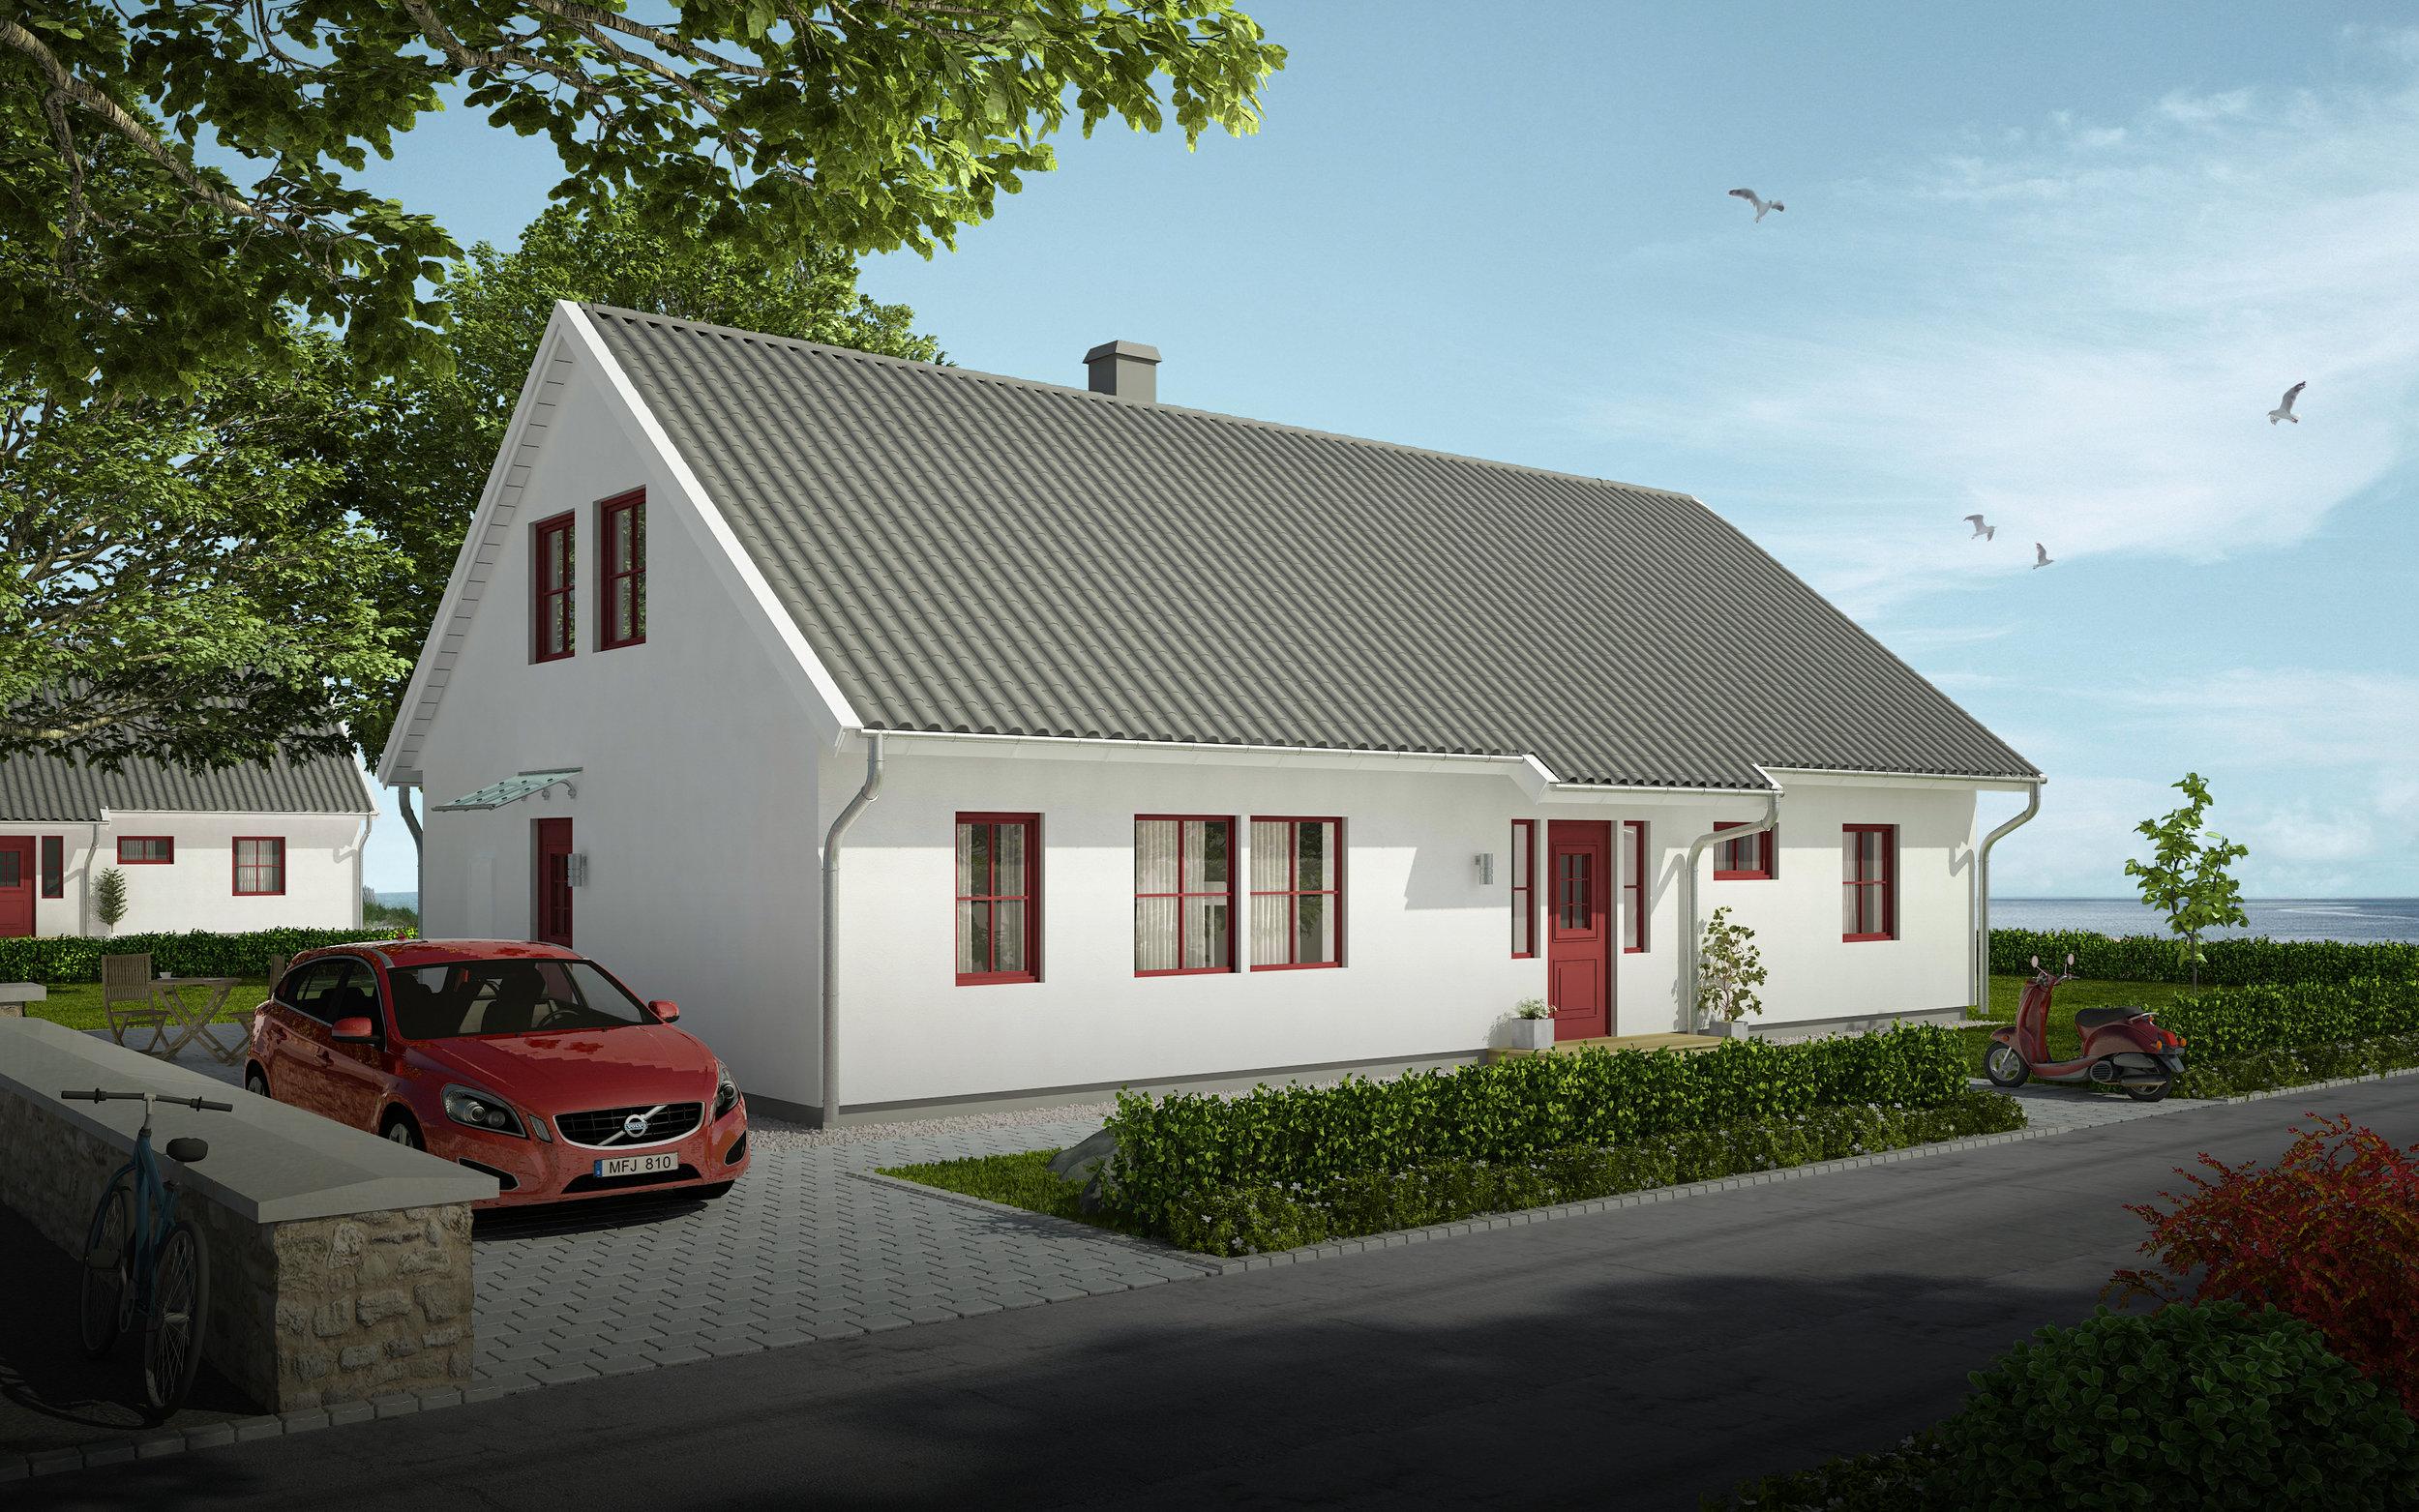 VILLA BJÖRKÅS  1,5-planshus Boyta: 177 m2  (möjlighet till + 64,7 m2)  3 sovrum